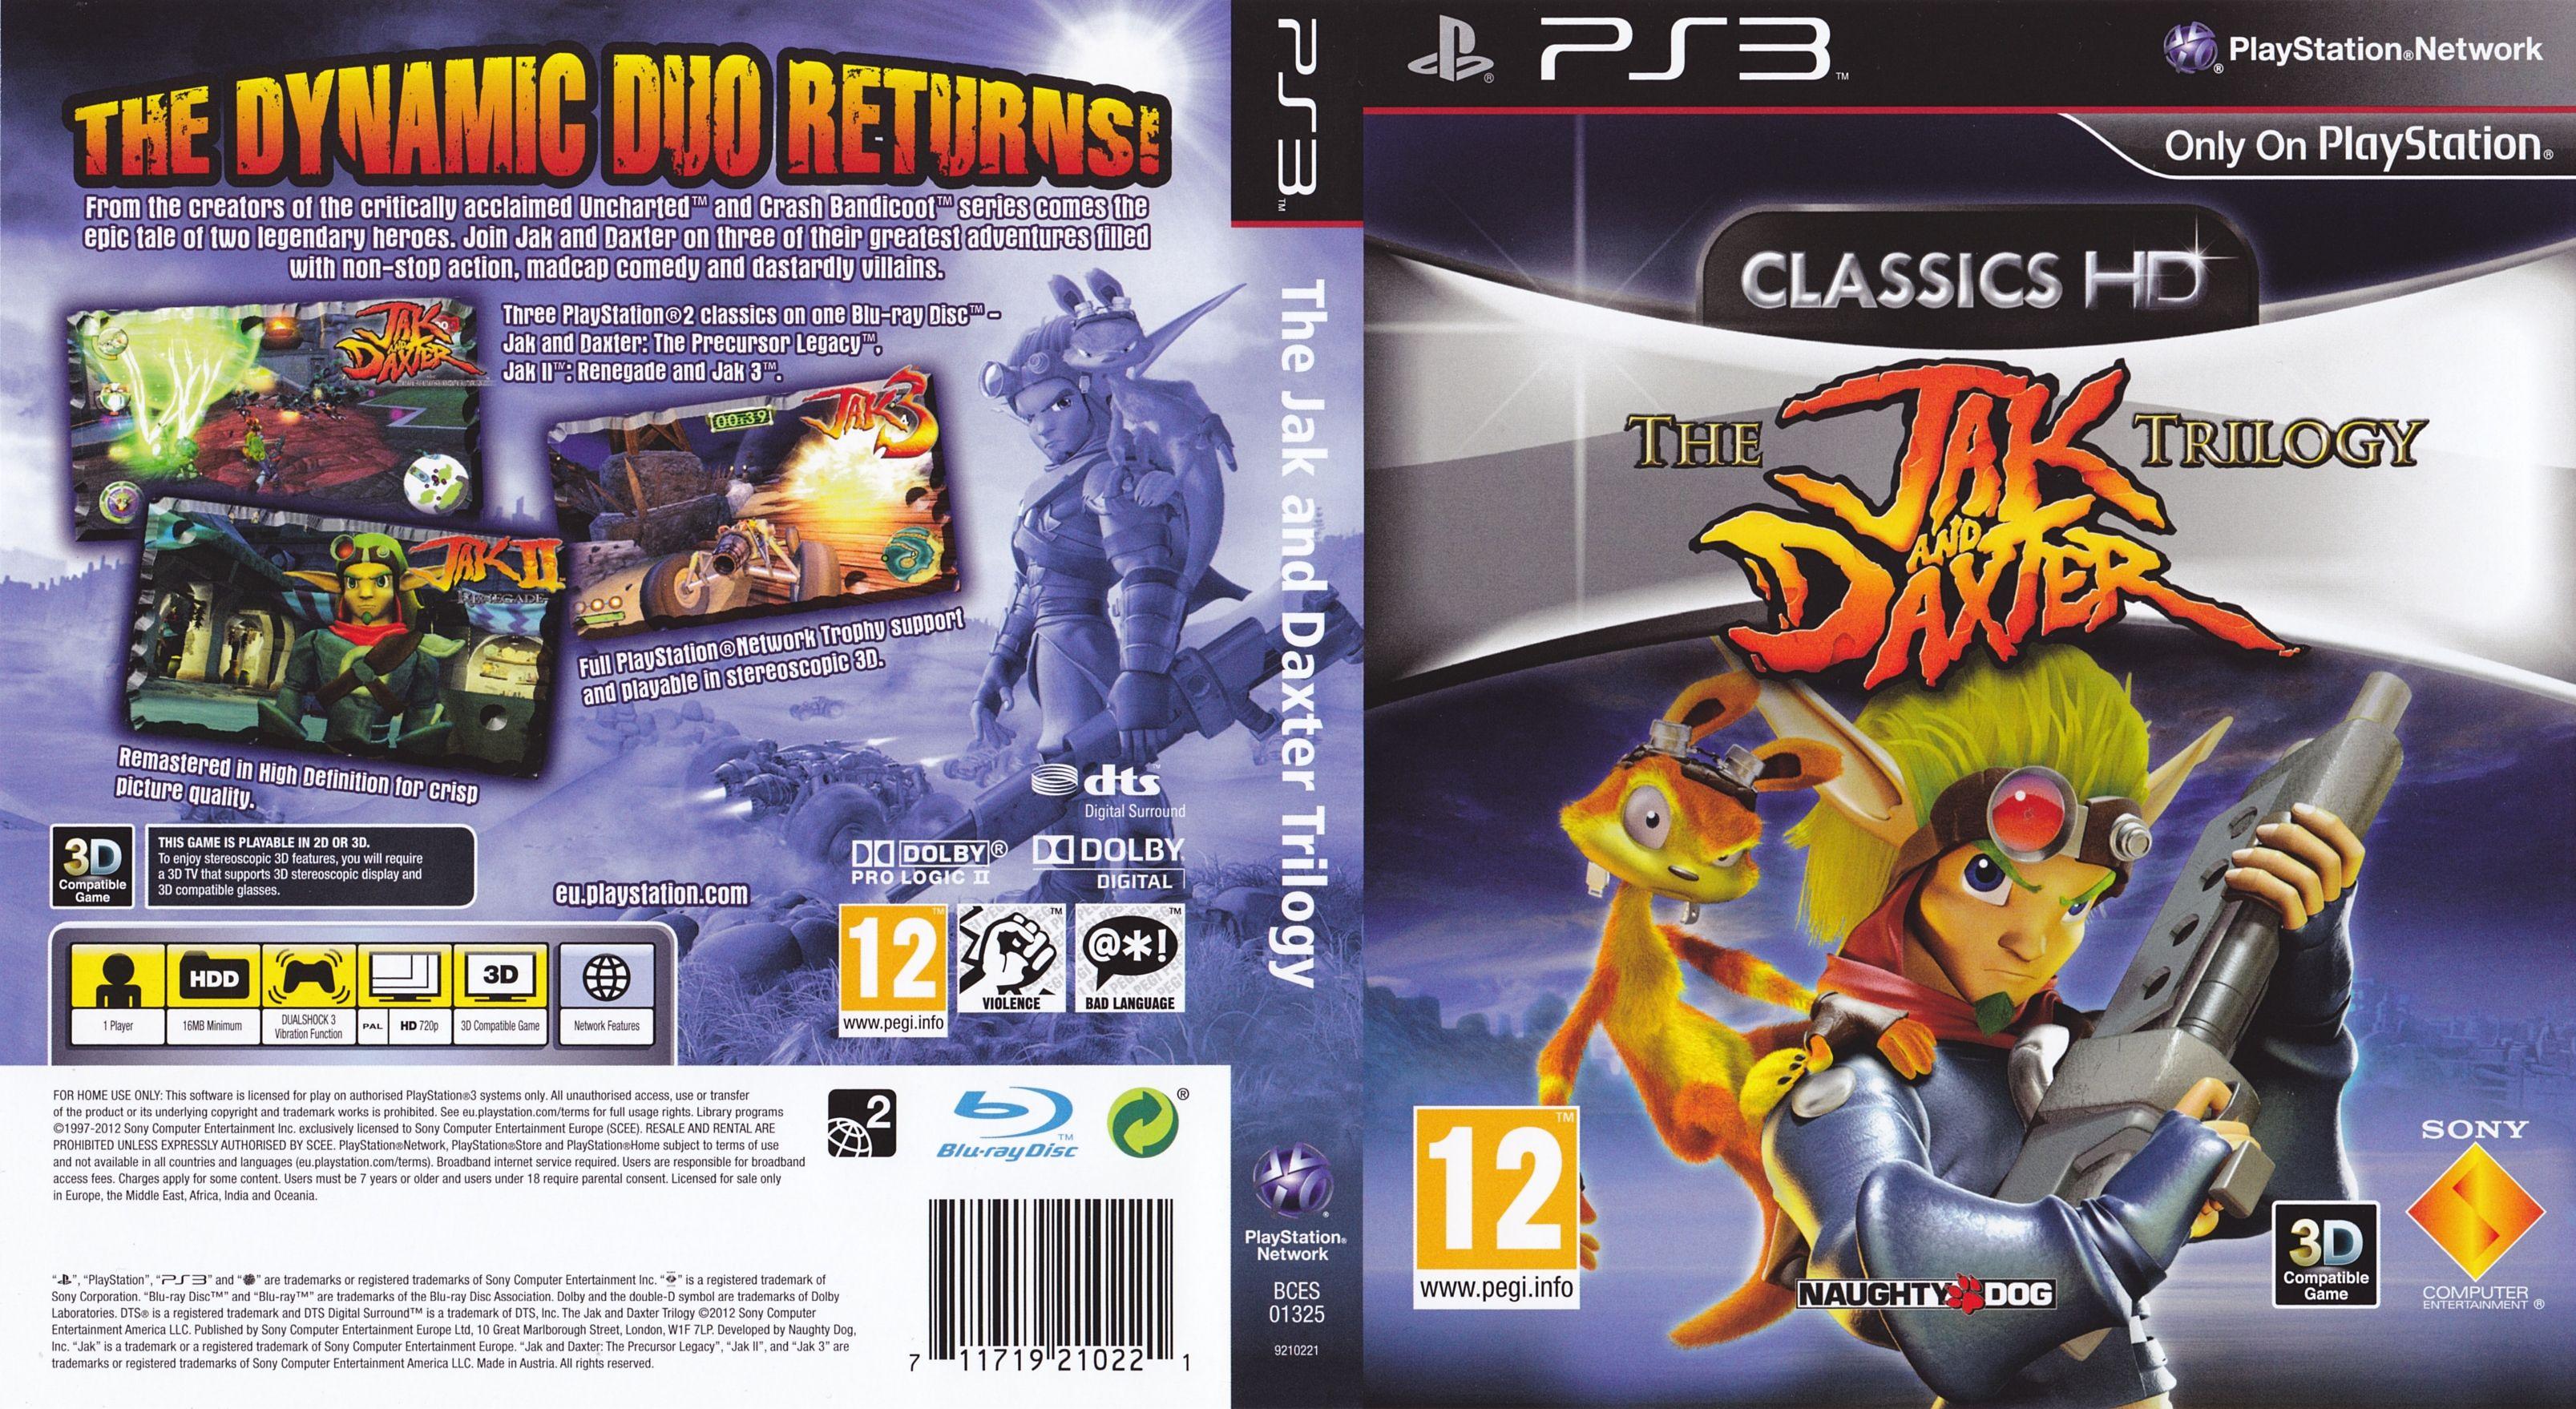 Jak & Daxter Trilogy PS3